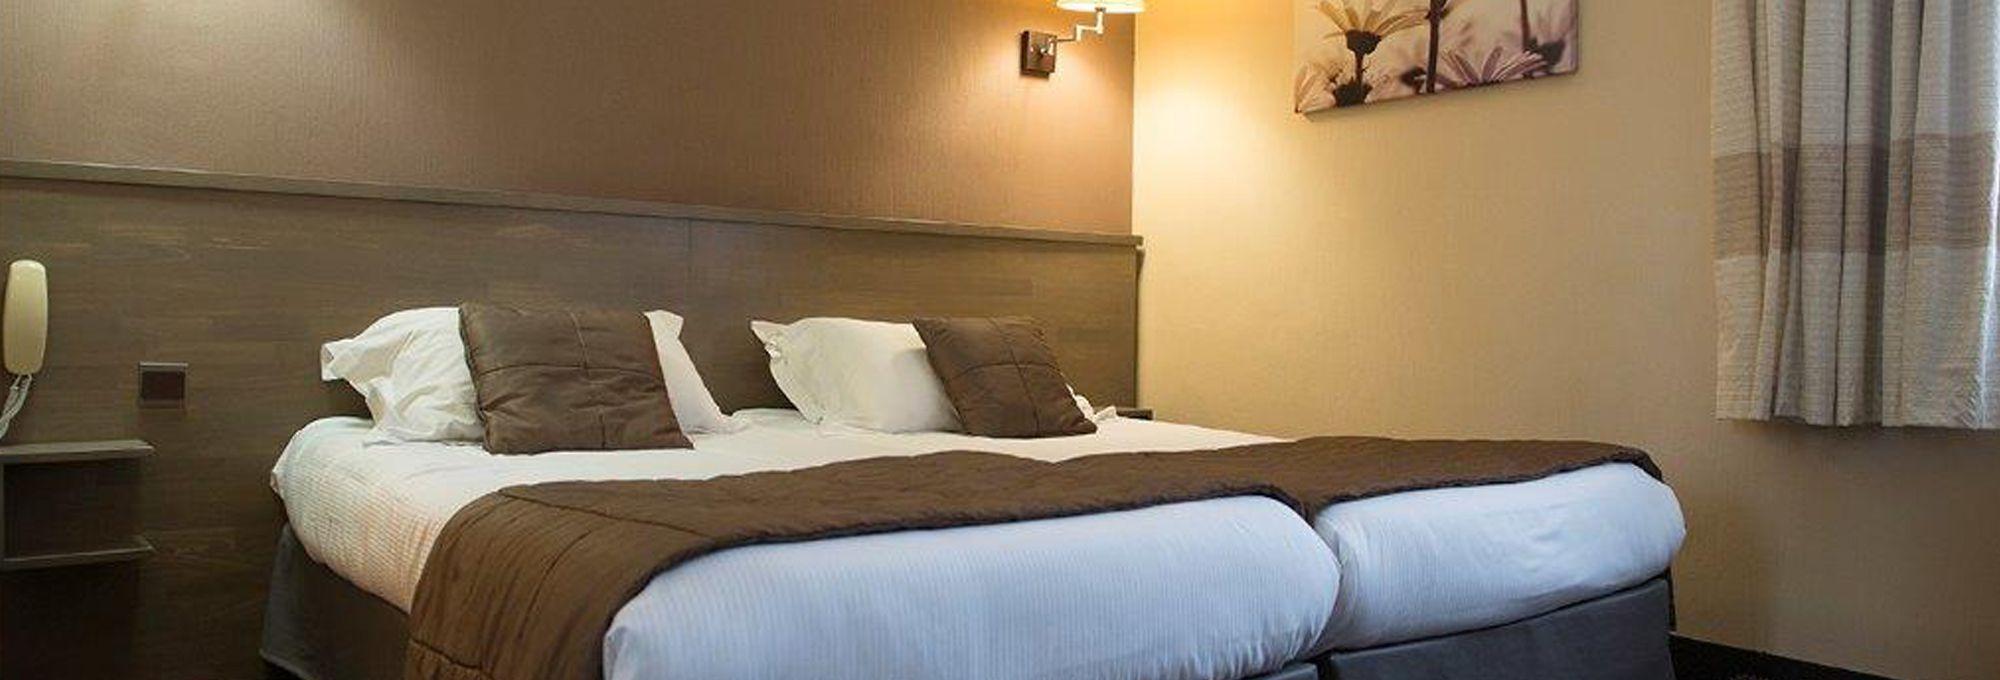 Brit Hotel Le Surcouf - Saint-Malo